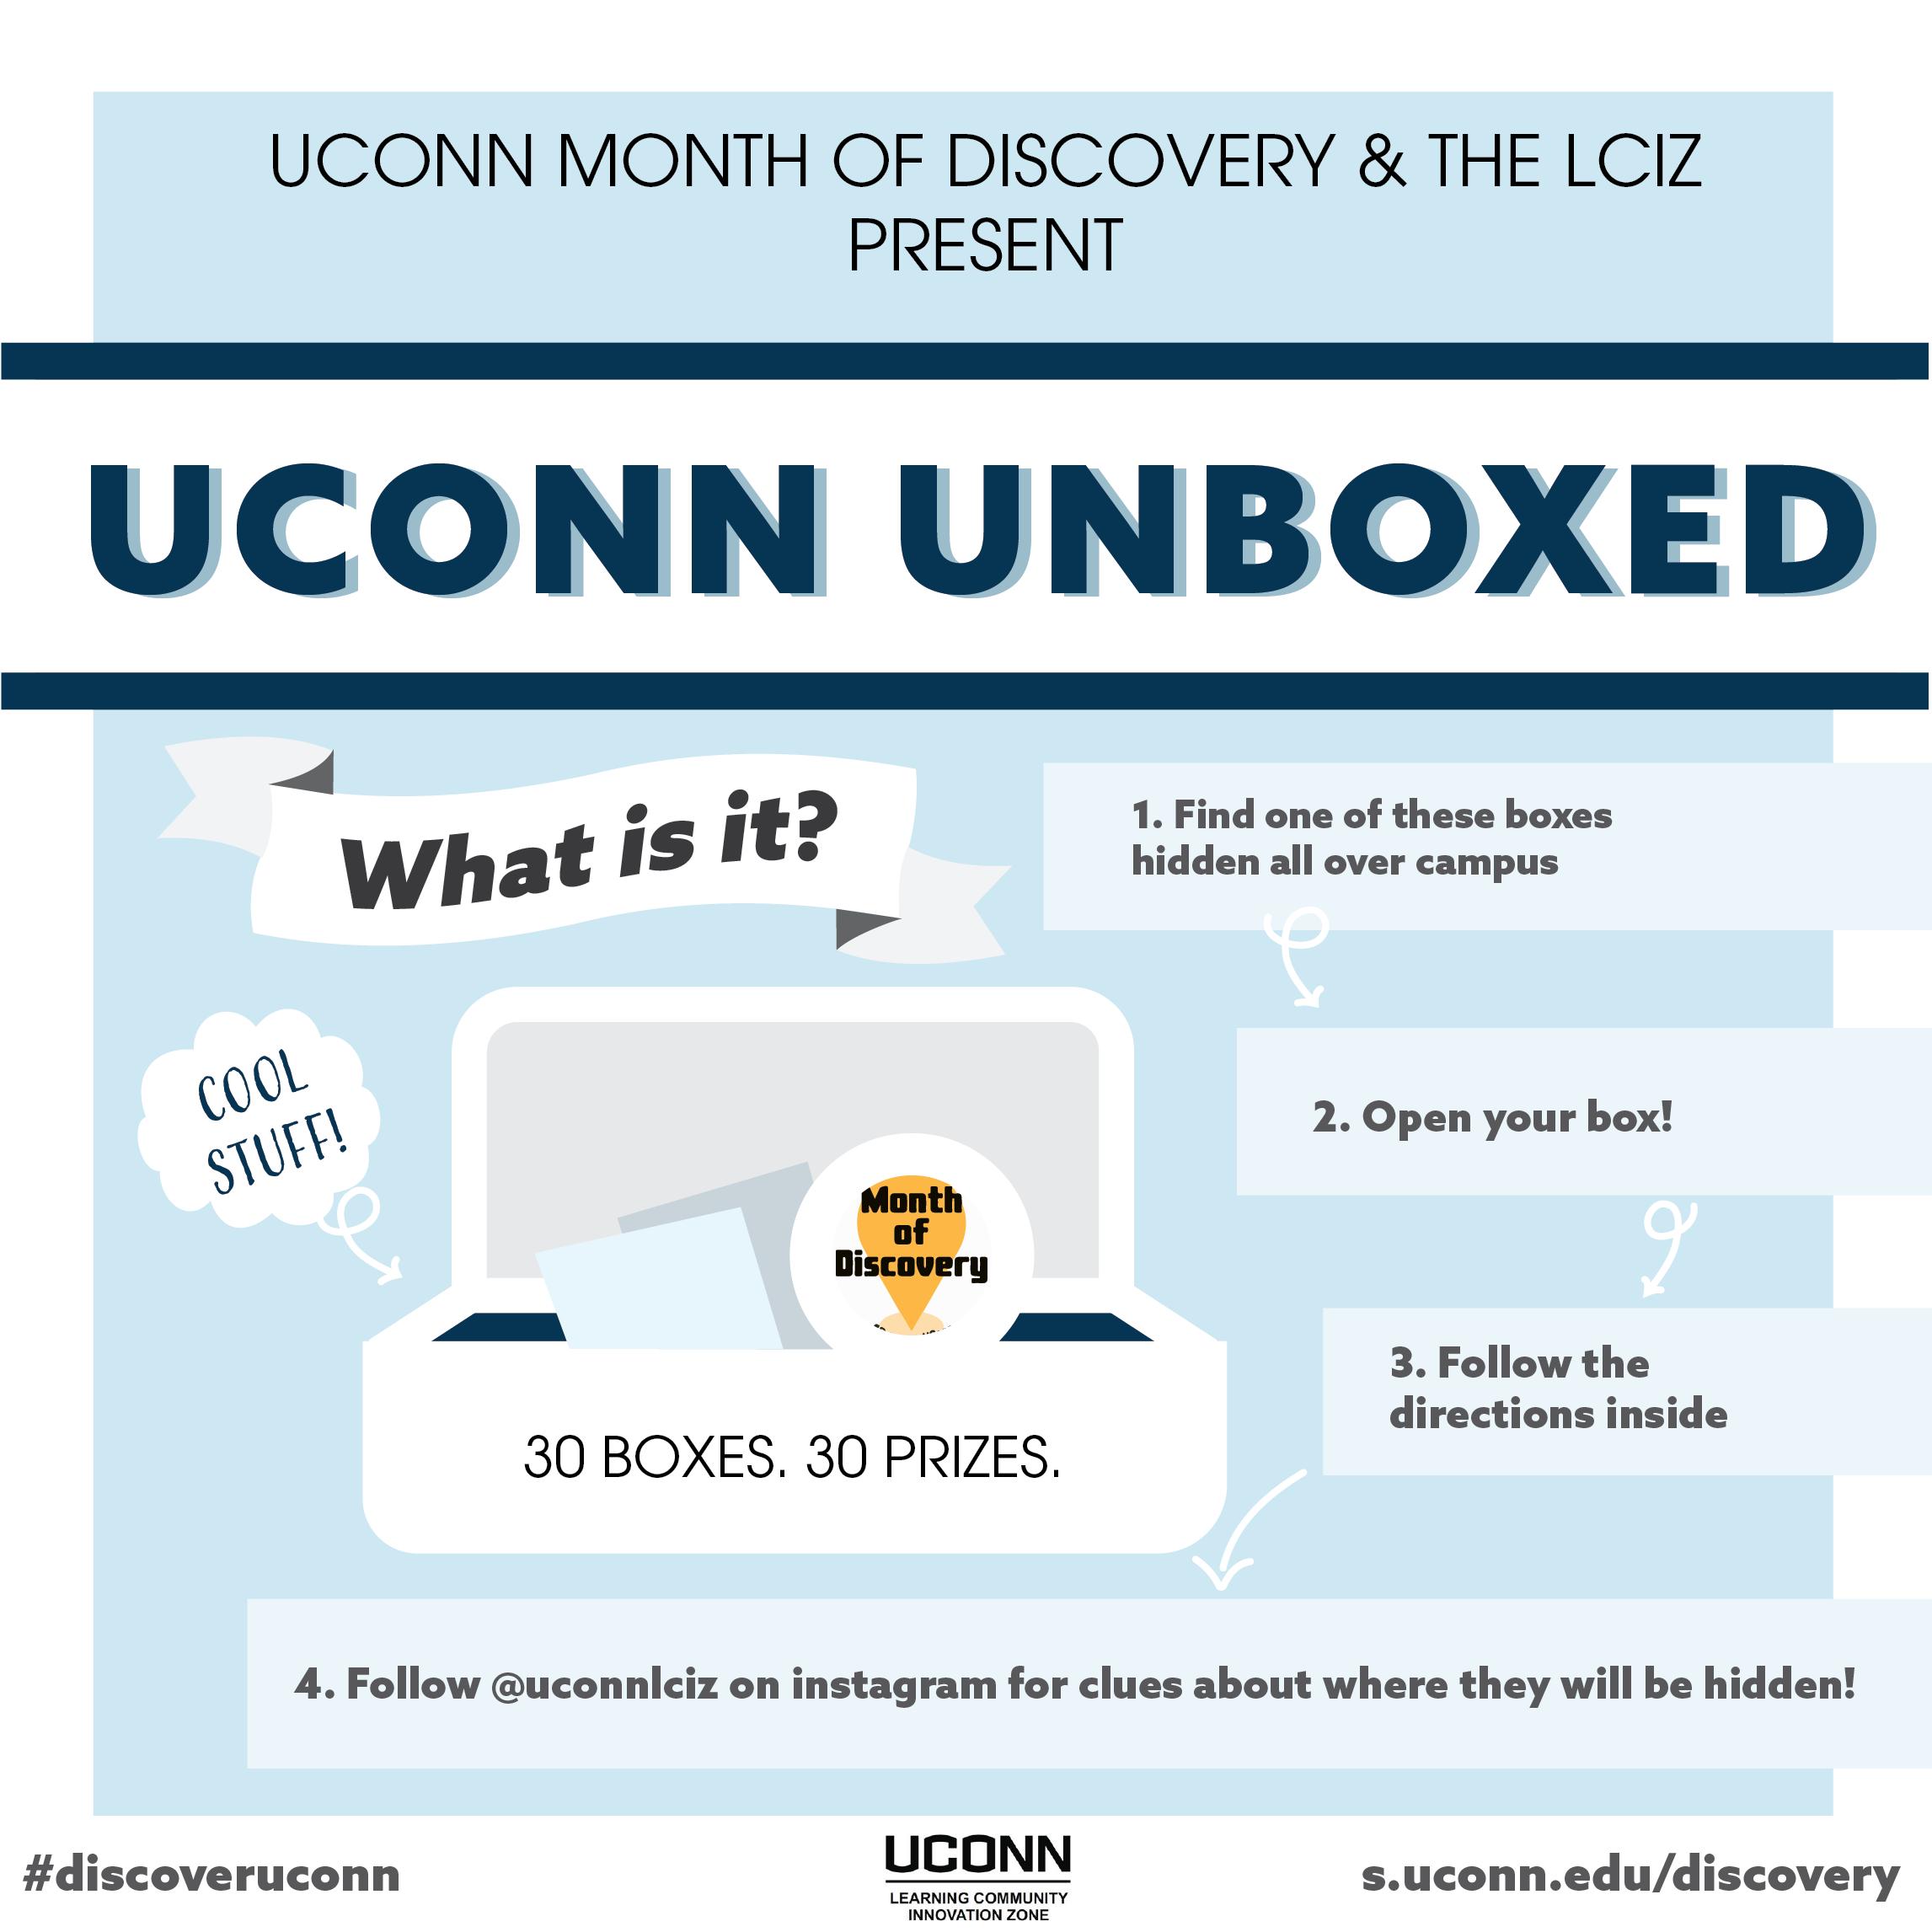 UConn Unboxed 2019